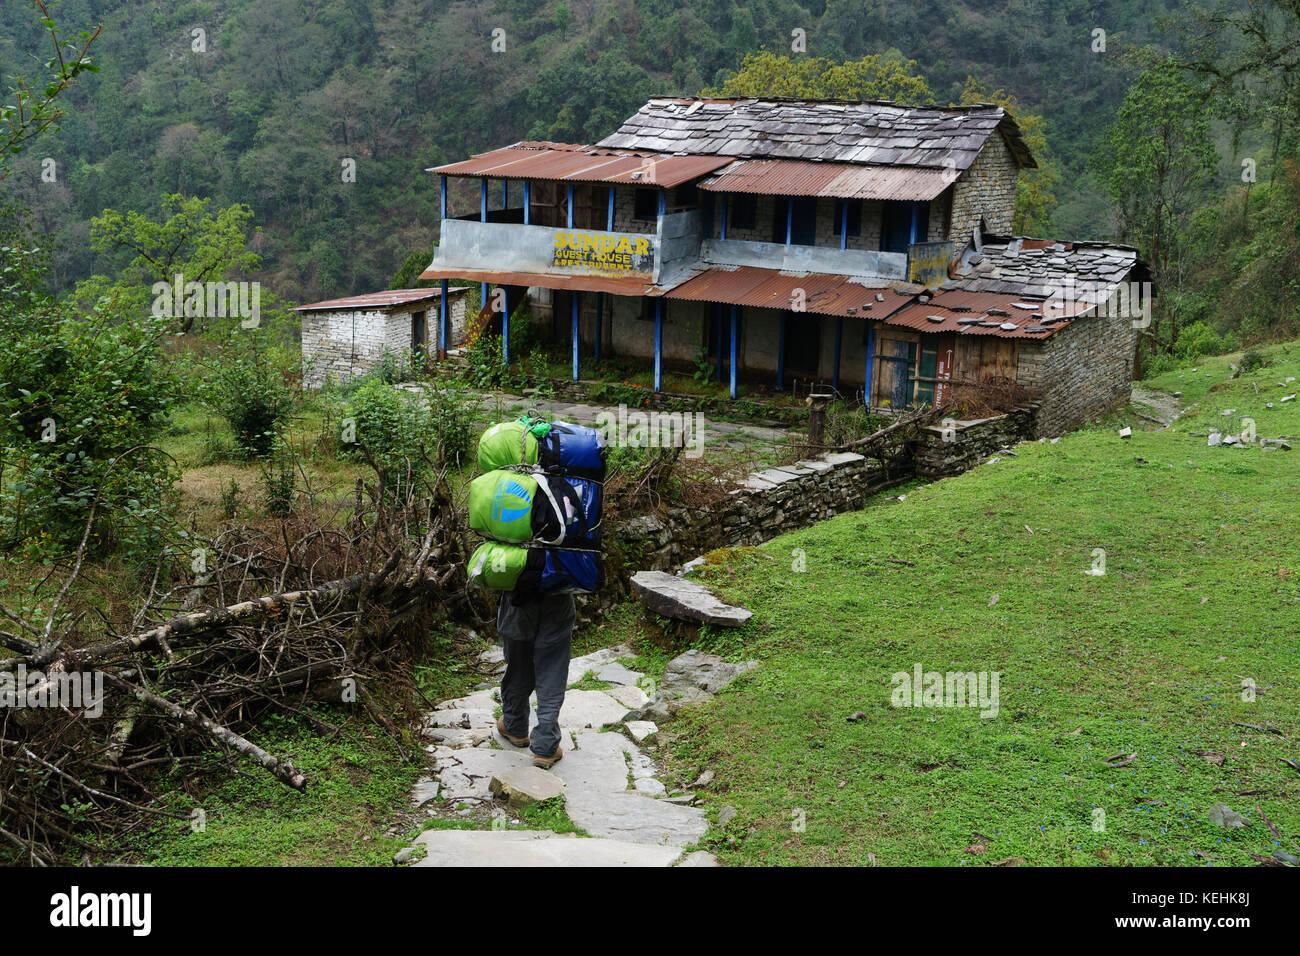 Porter llevando trekker de mochilas en la Poonhill trek, Nepal. Imagen De Stock